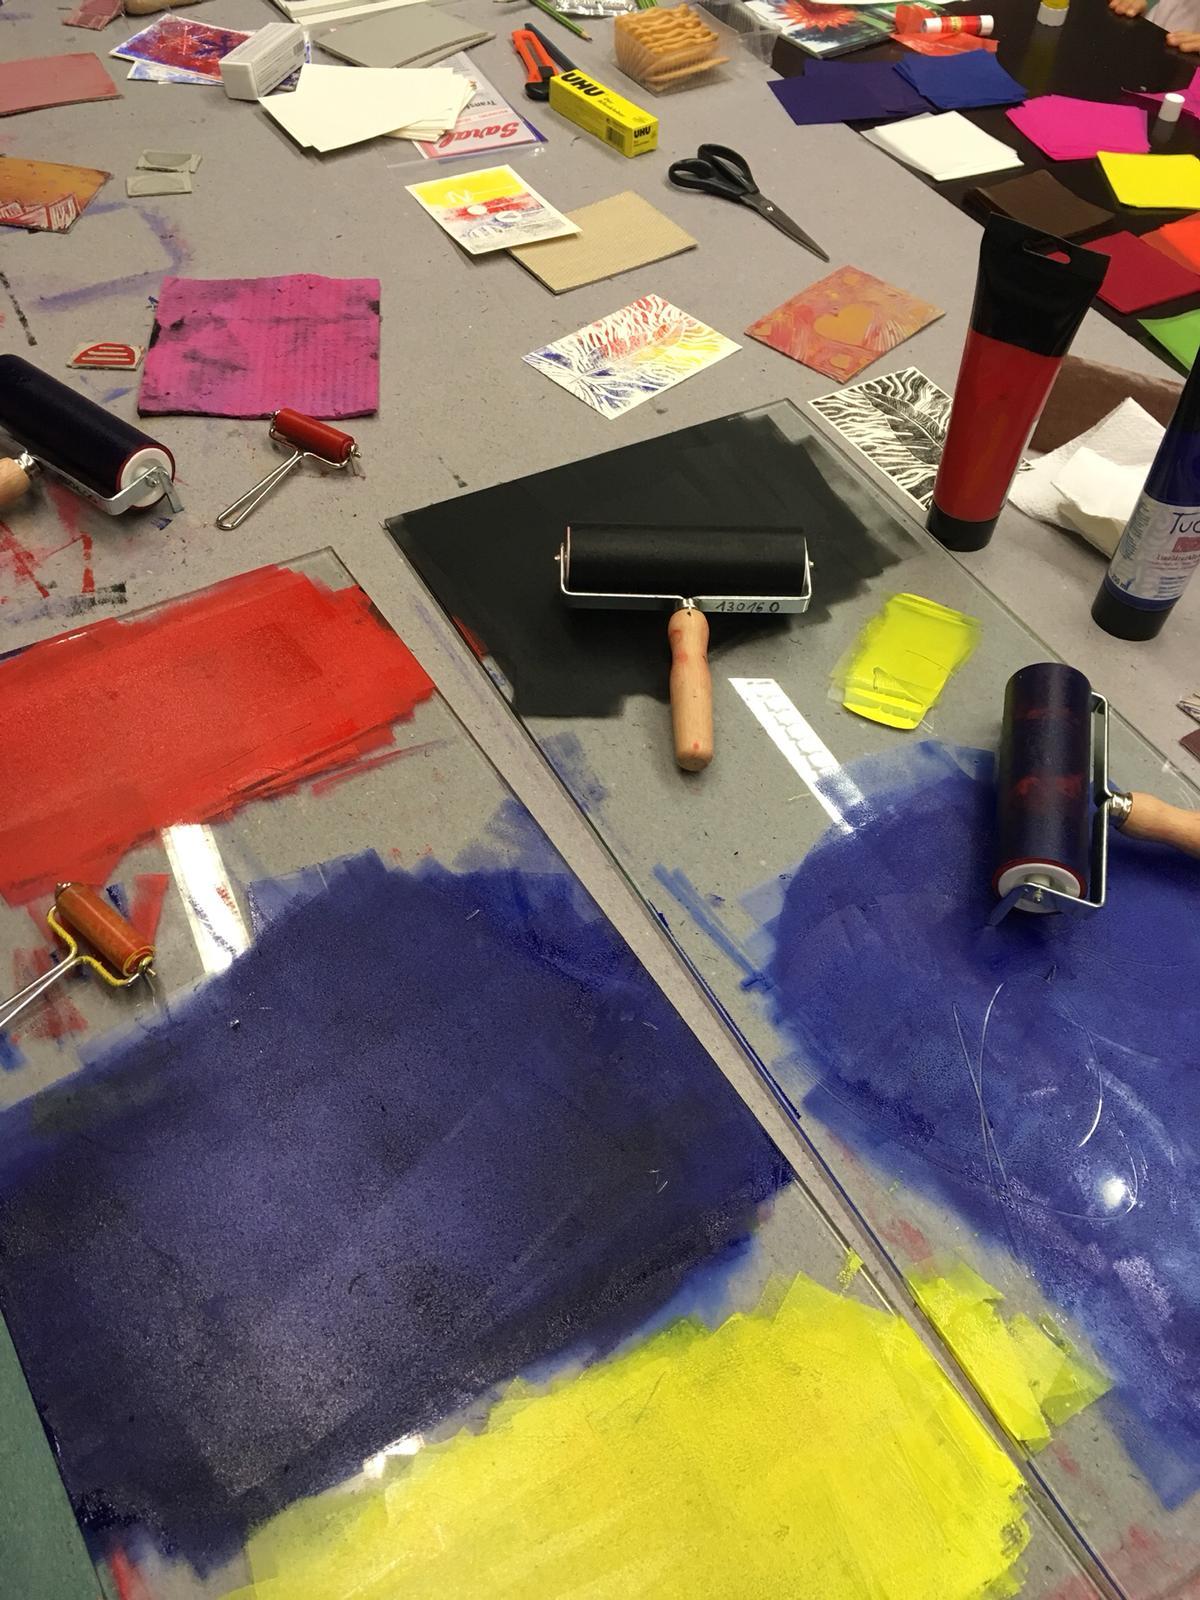 Arbeitstisch mit Linolplatten, ersten Drucken, Farbwalzen, Farbtuben und anderlei Bastelutensilien